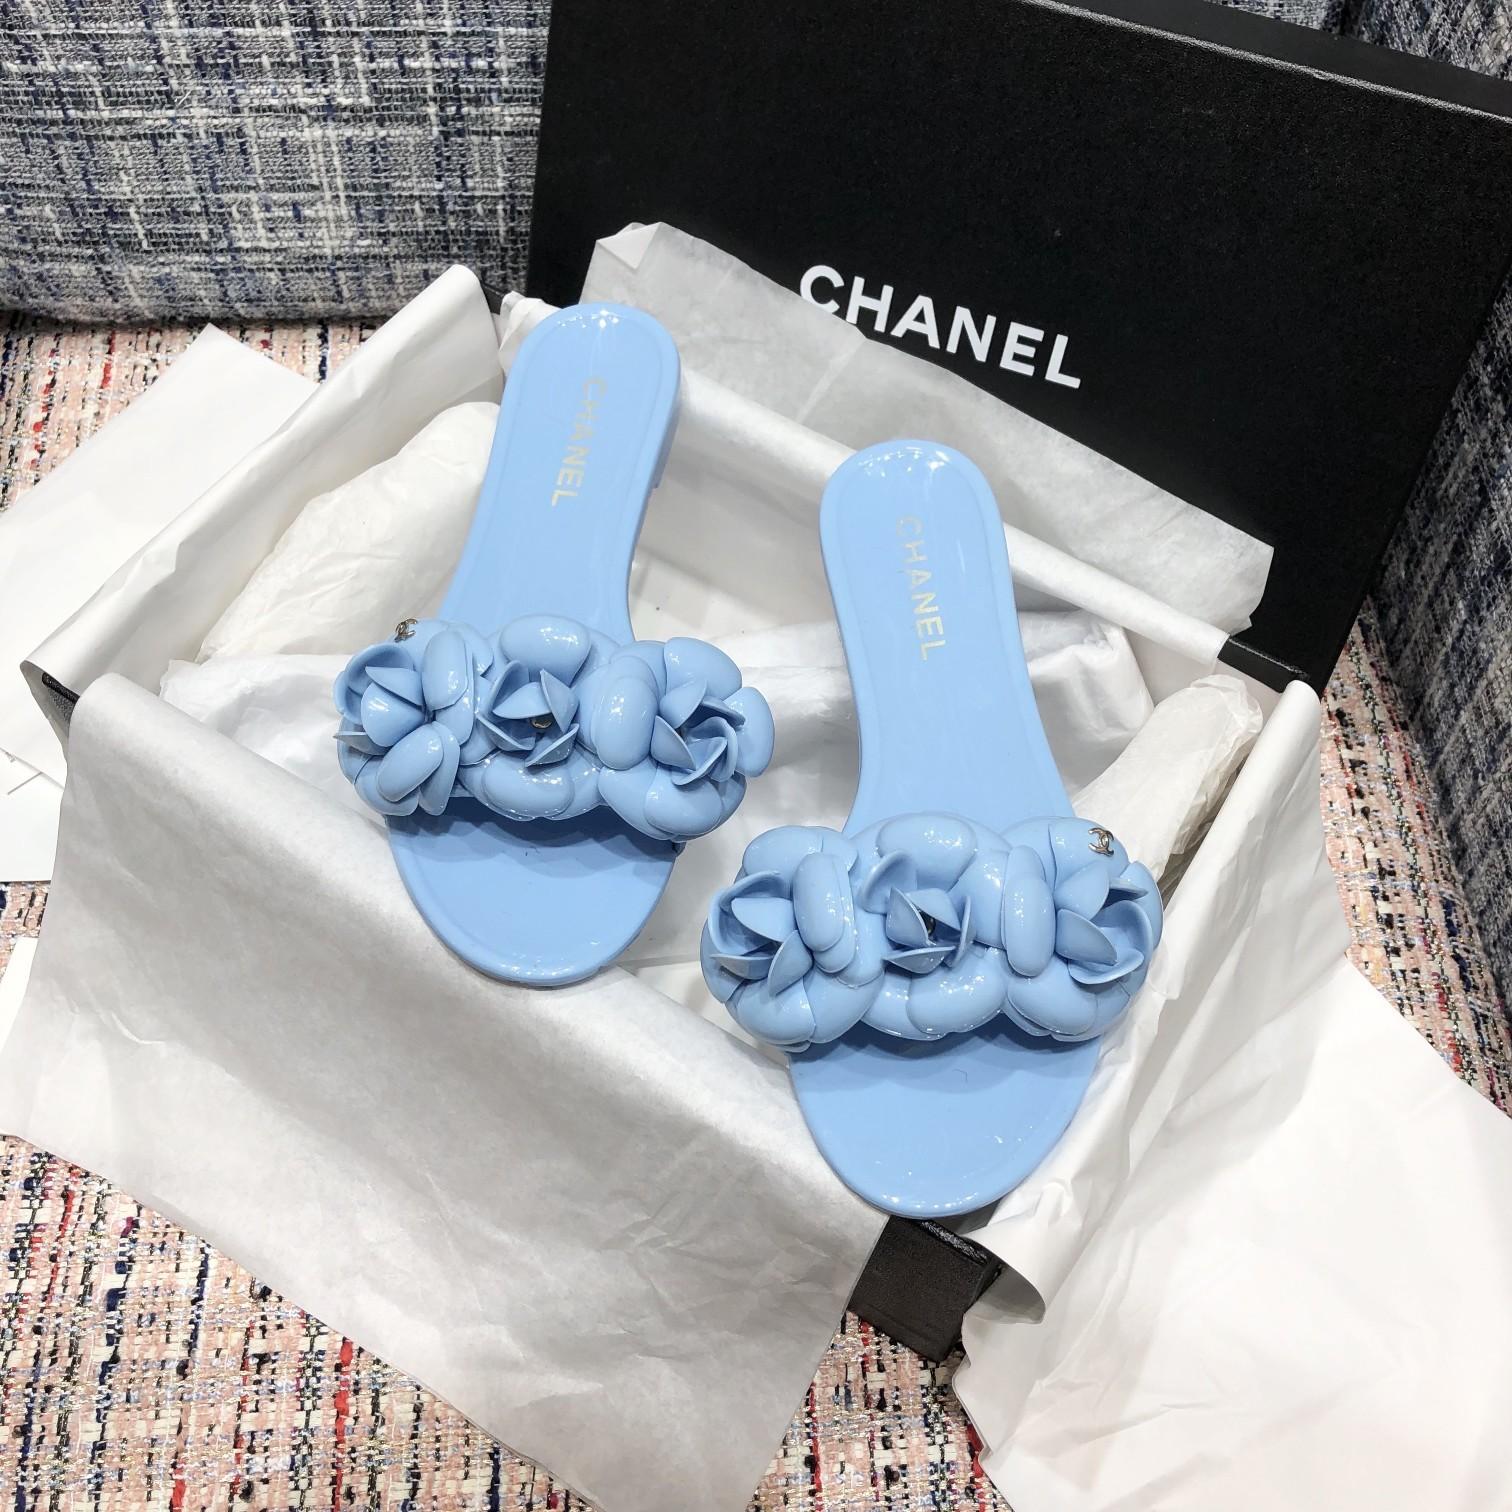 高端品质Chanel香奈儿春夏最新爆